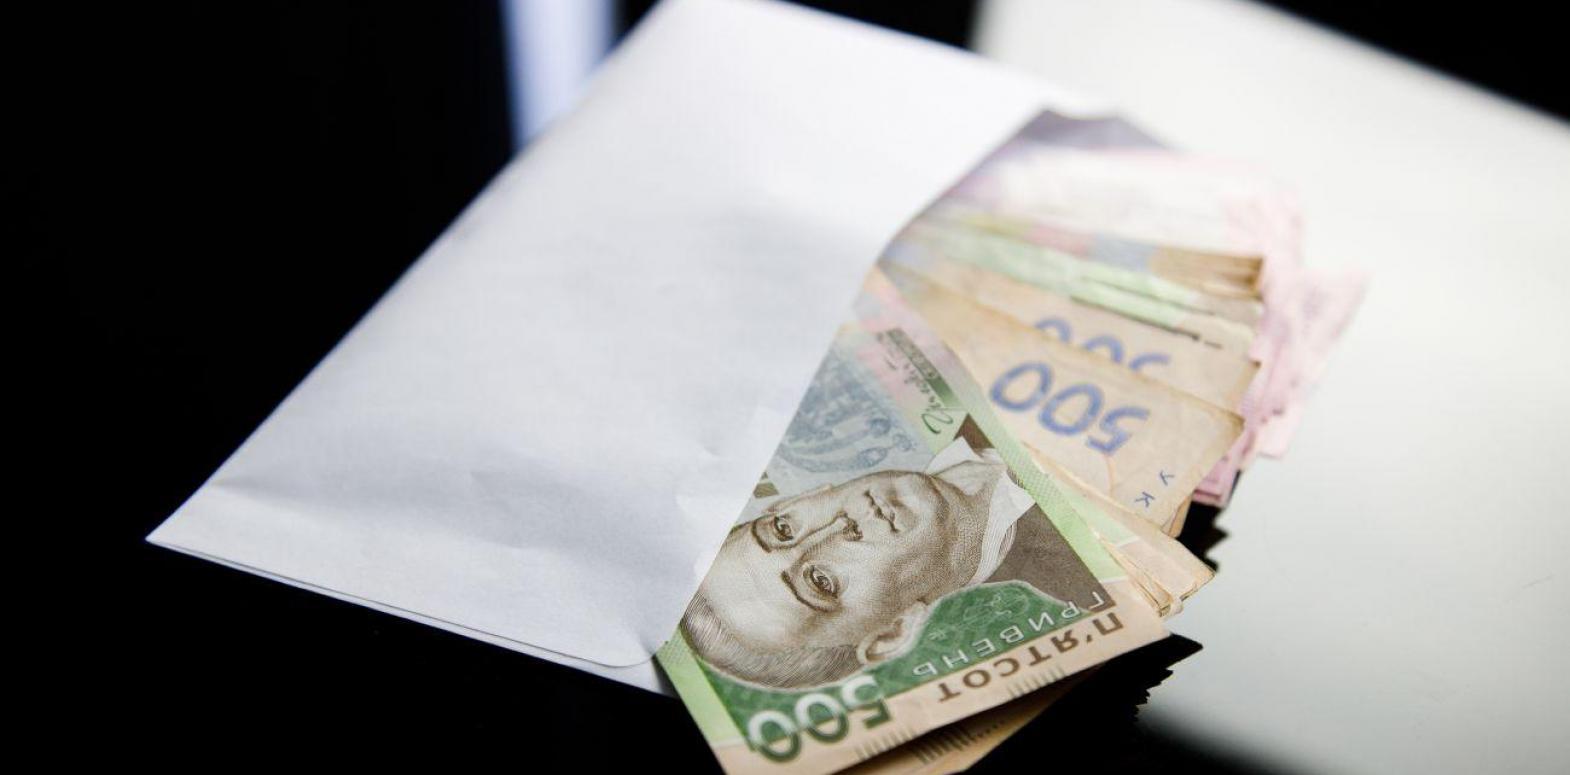 ПФУ почти исчерпал свой бюджет на выплаты карантинных 8 тысяч гривен